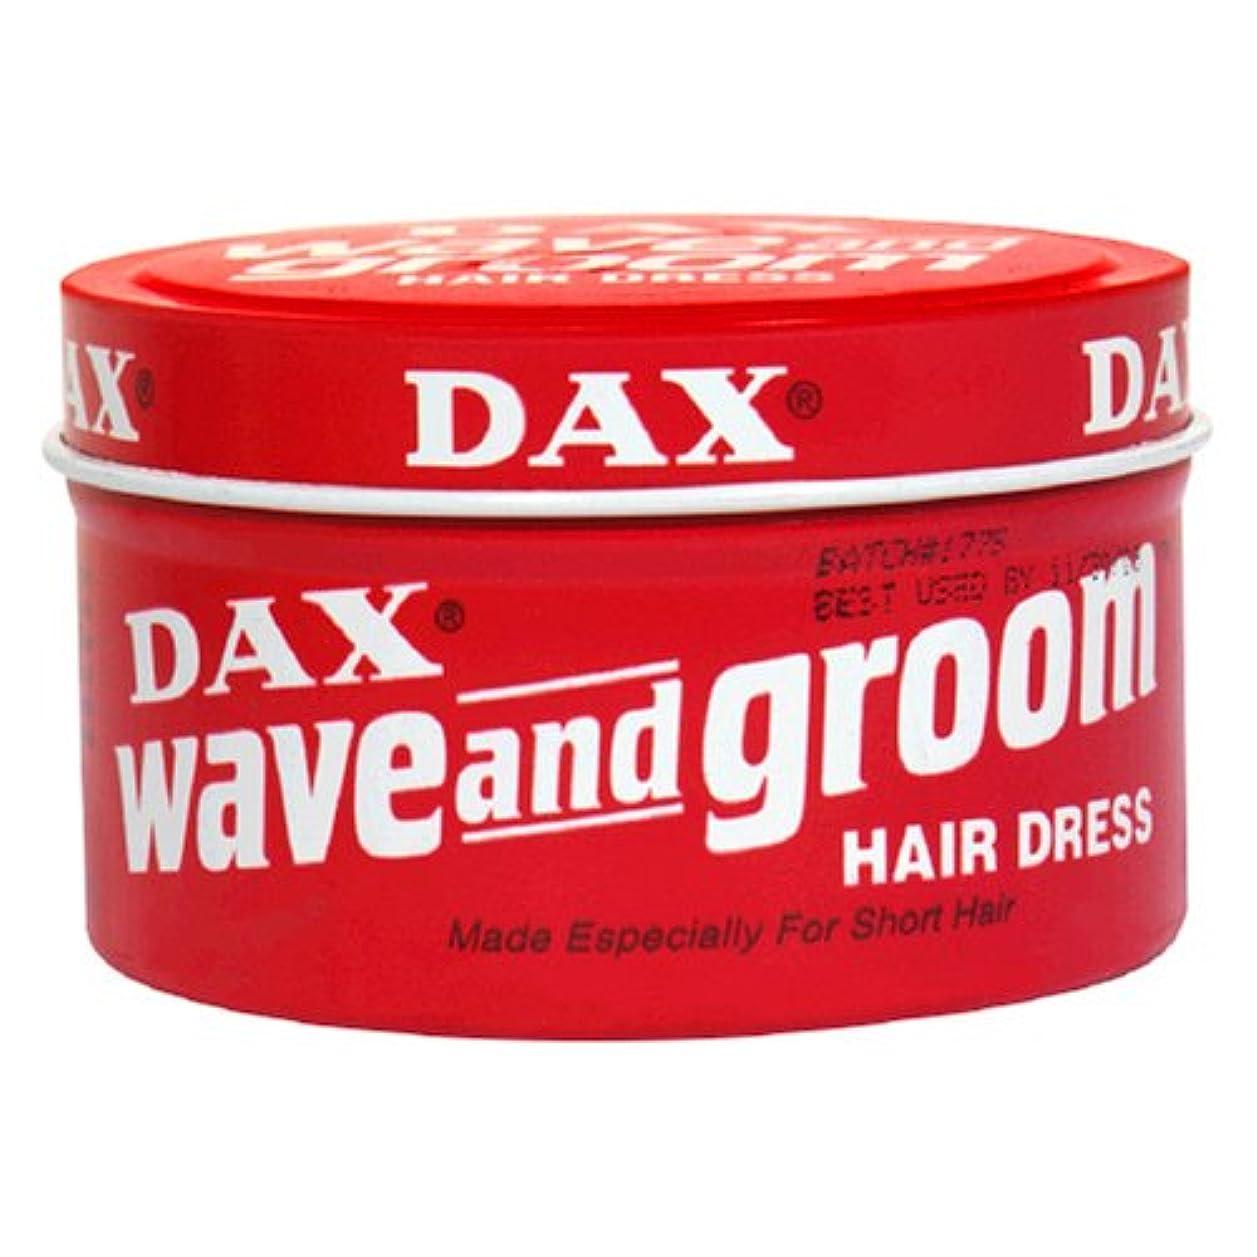 バイバイ期待する静けさDax Wave & Groom Hair Dress 99 gm Jar (Case of 6) (並行輸入品)